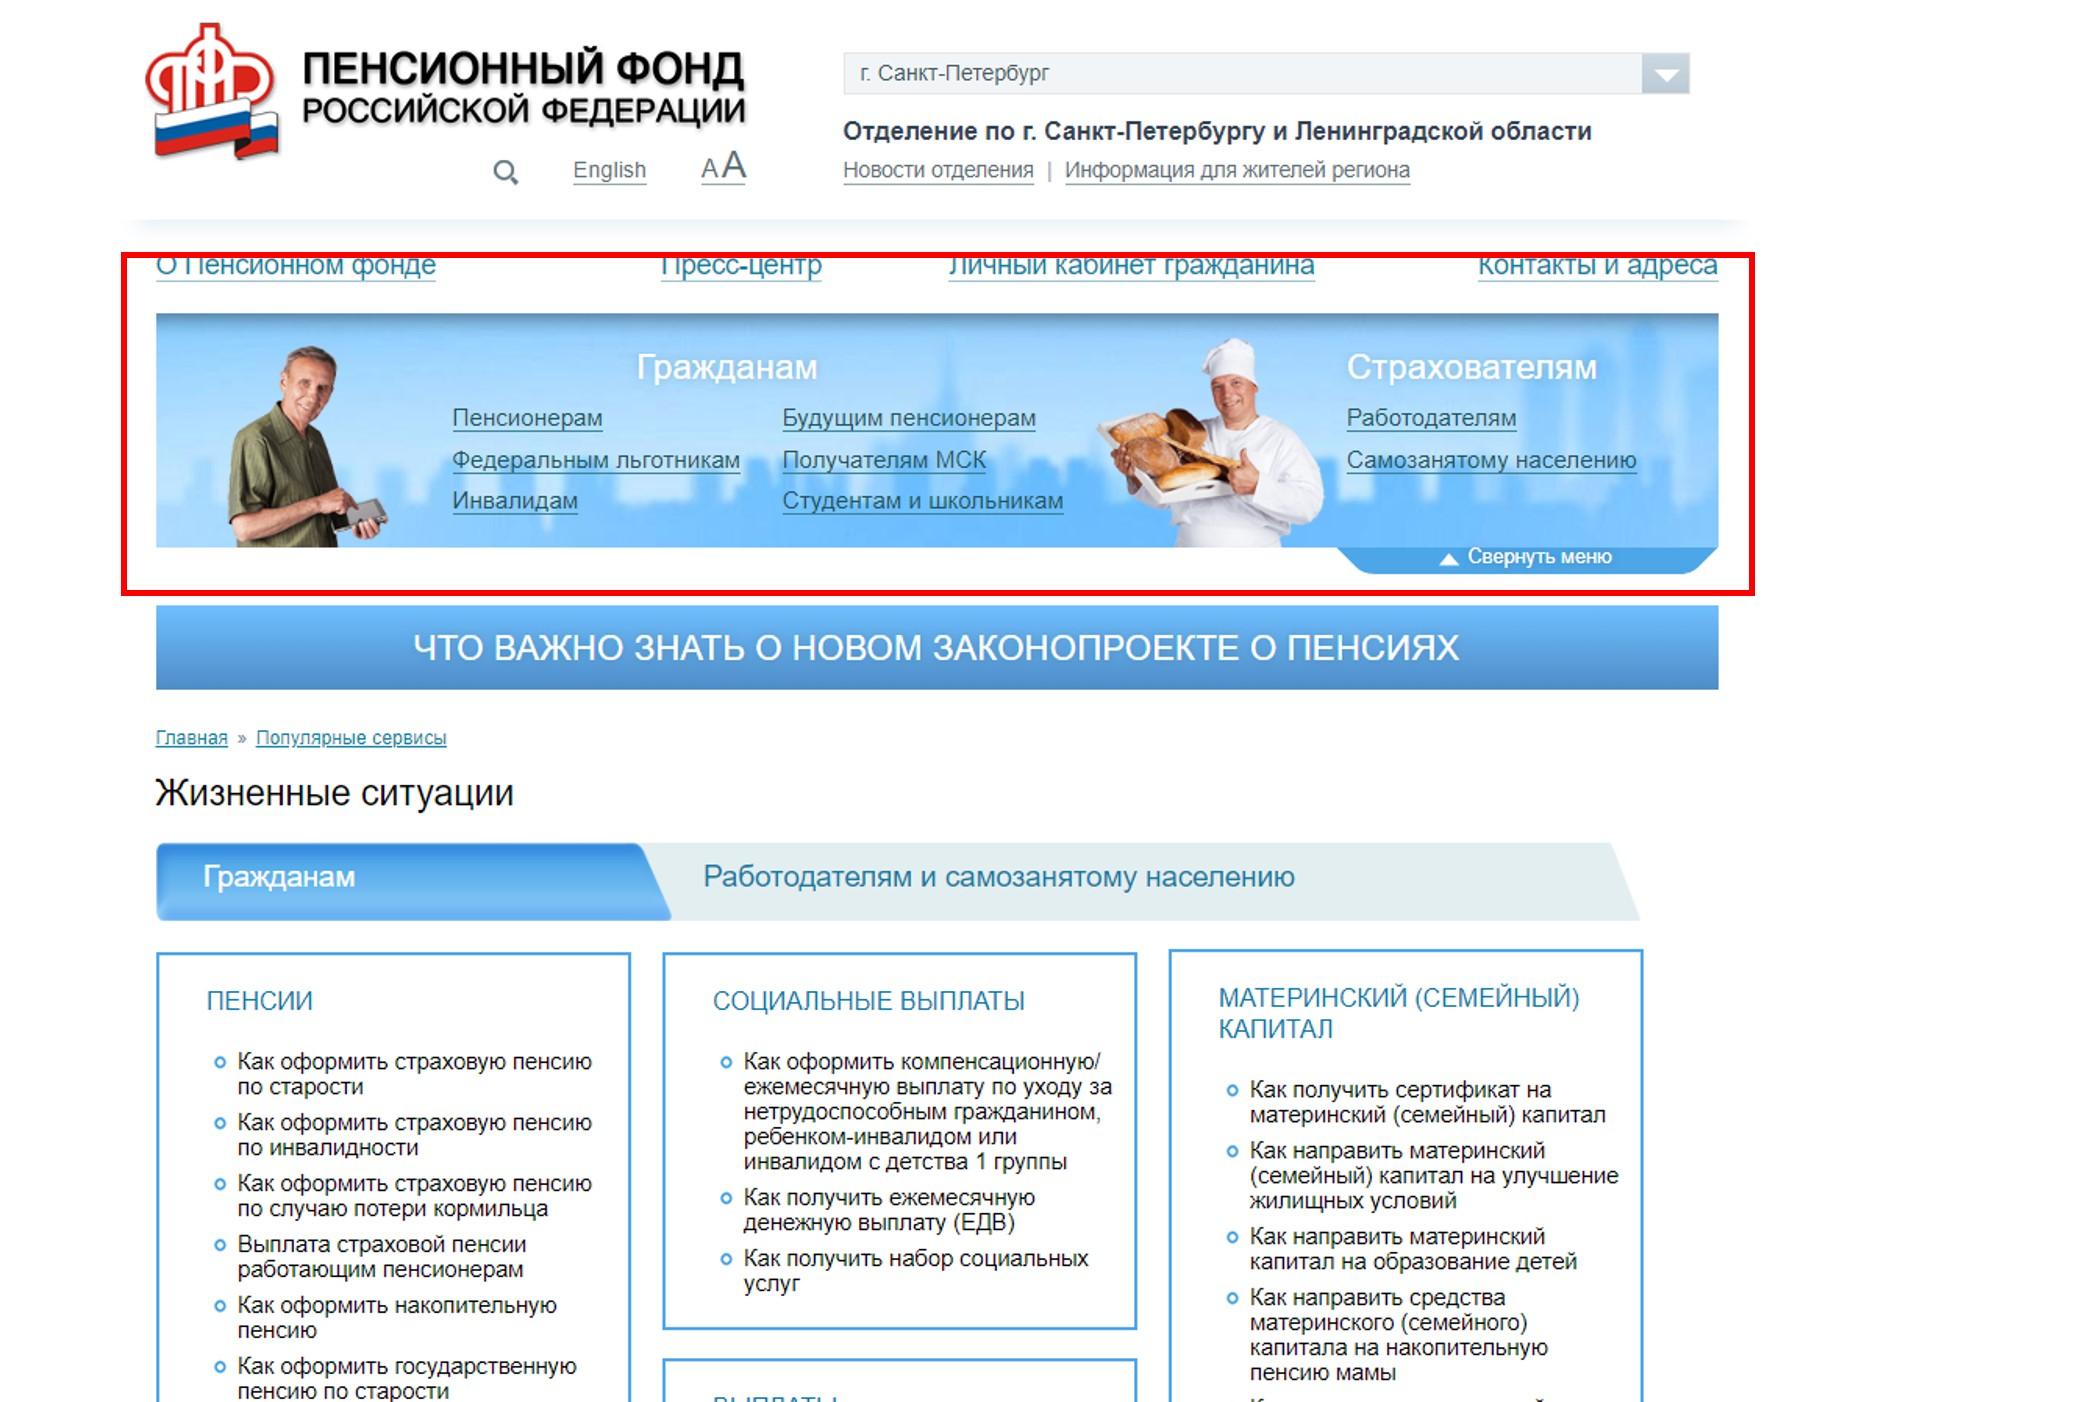 какие льготы полагаются 4 http://grosh-blog.ru